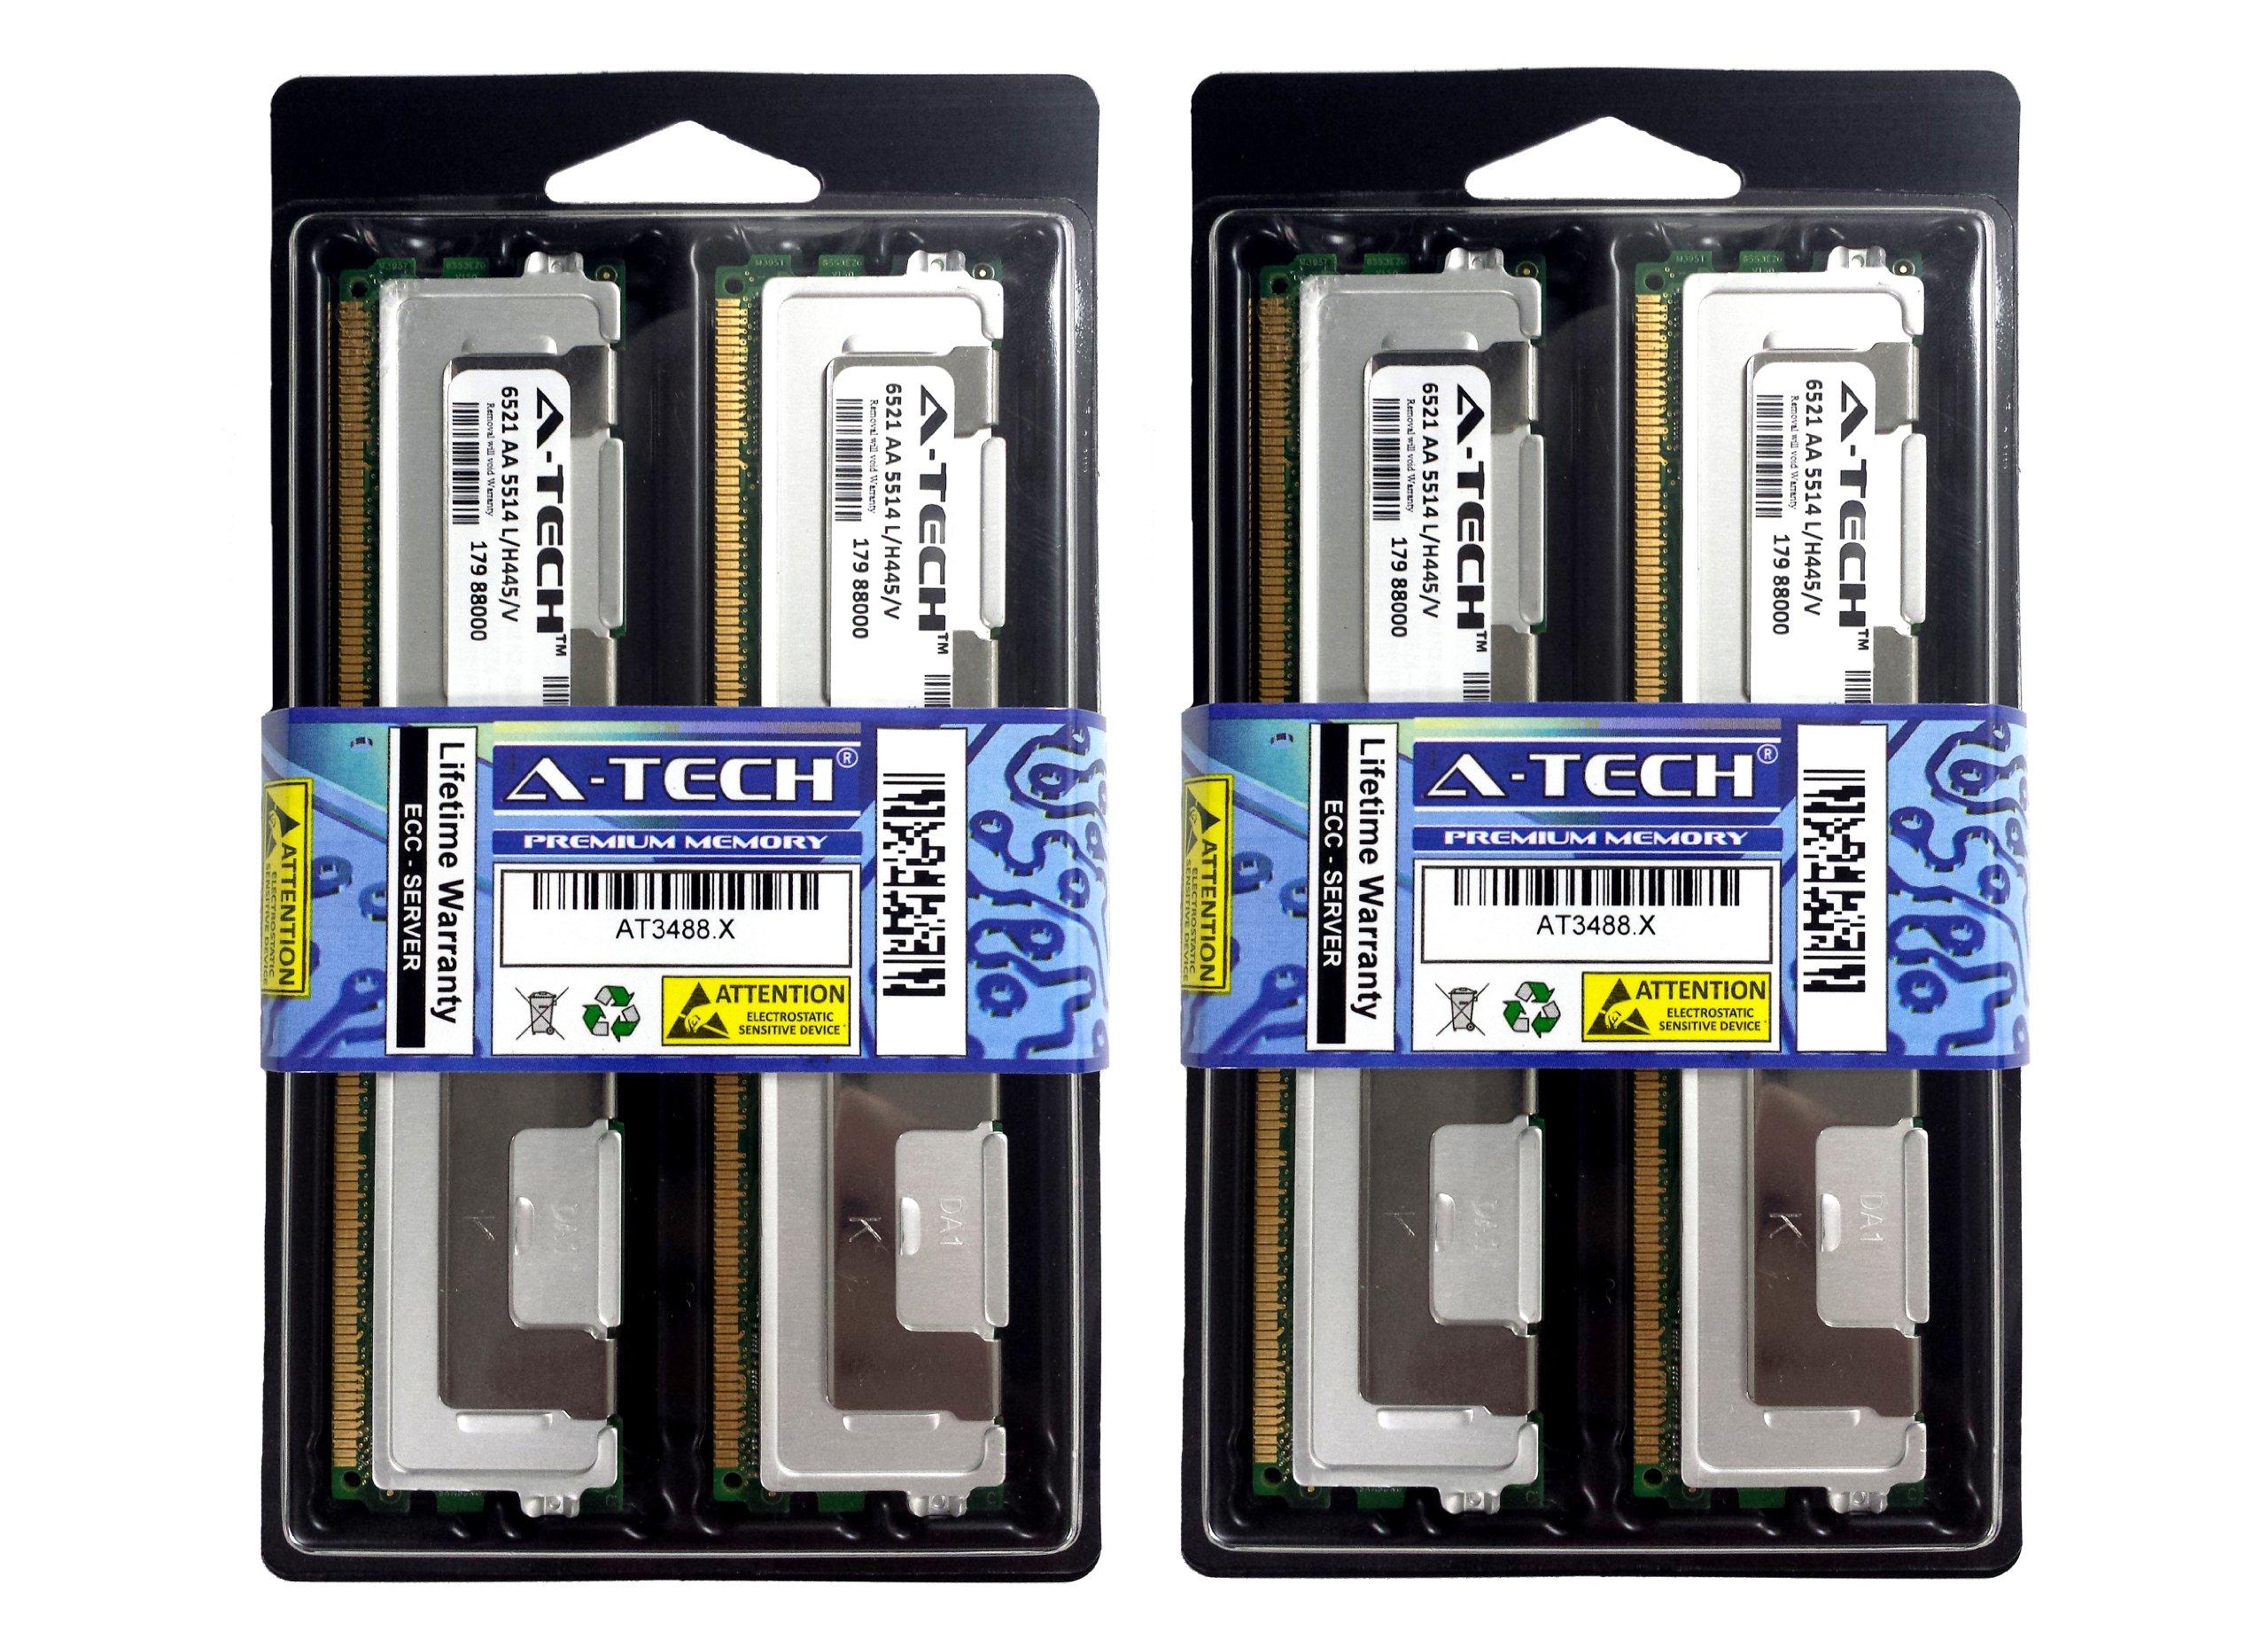 32GB Kit 4x 8GB HP Compaq ProLiant BL20p G4 BL460c G5 BL480c BL680c G5 DL140 G3 DL160 G5 DL180 DL360 DL380 G5 DL580 G5 ML150 G3 ML370 G5 400r xw460c xw6400 xw6600 xw8400 xw8600 Memory Ram